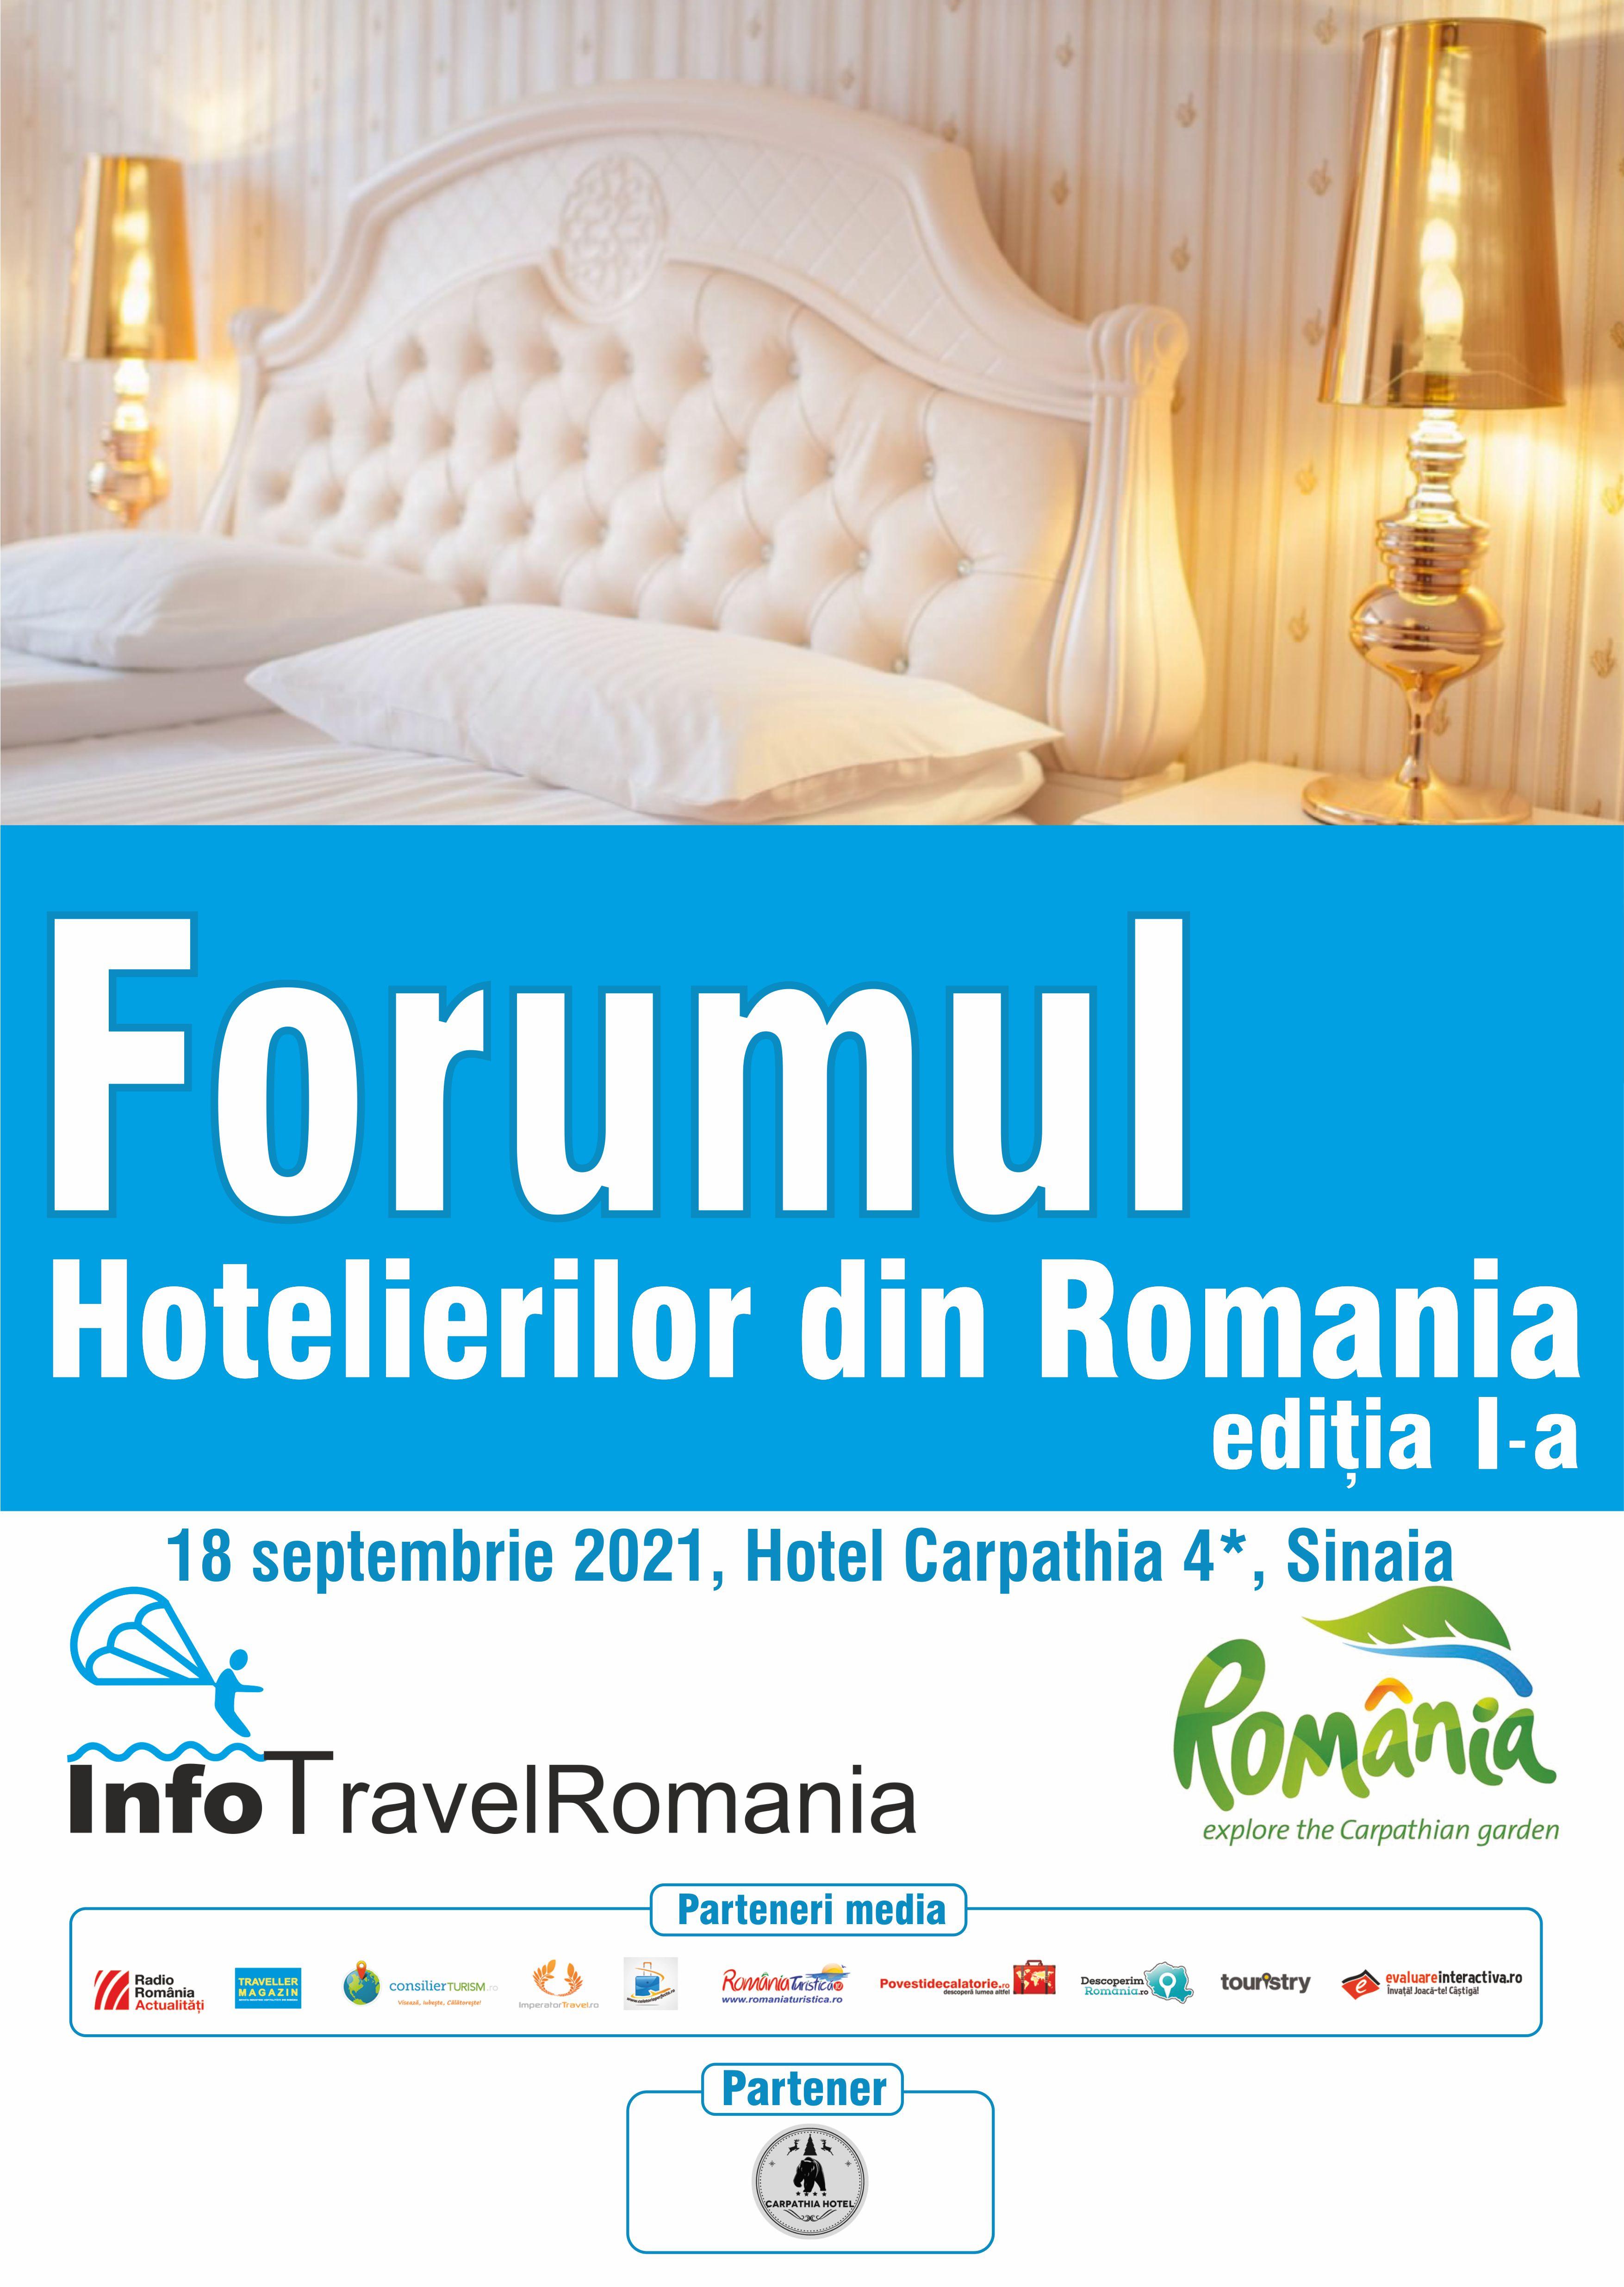 Forumul Hotelierilor din Romania I